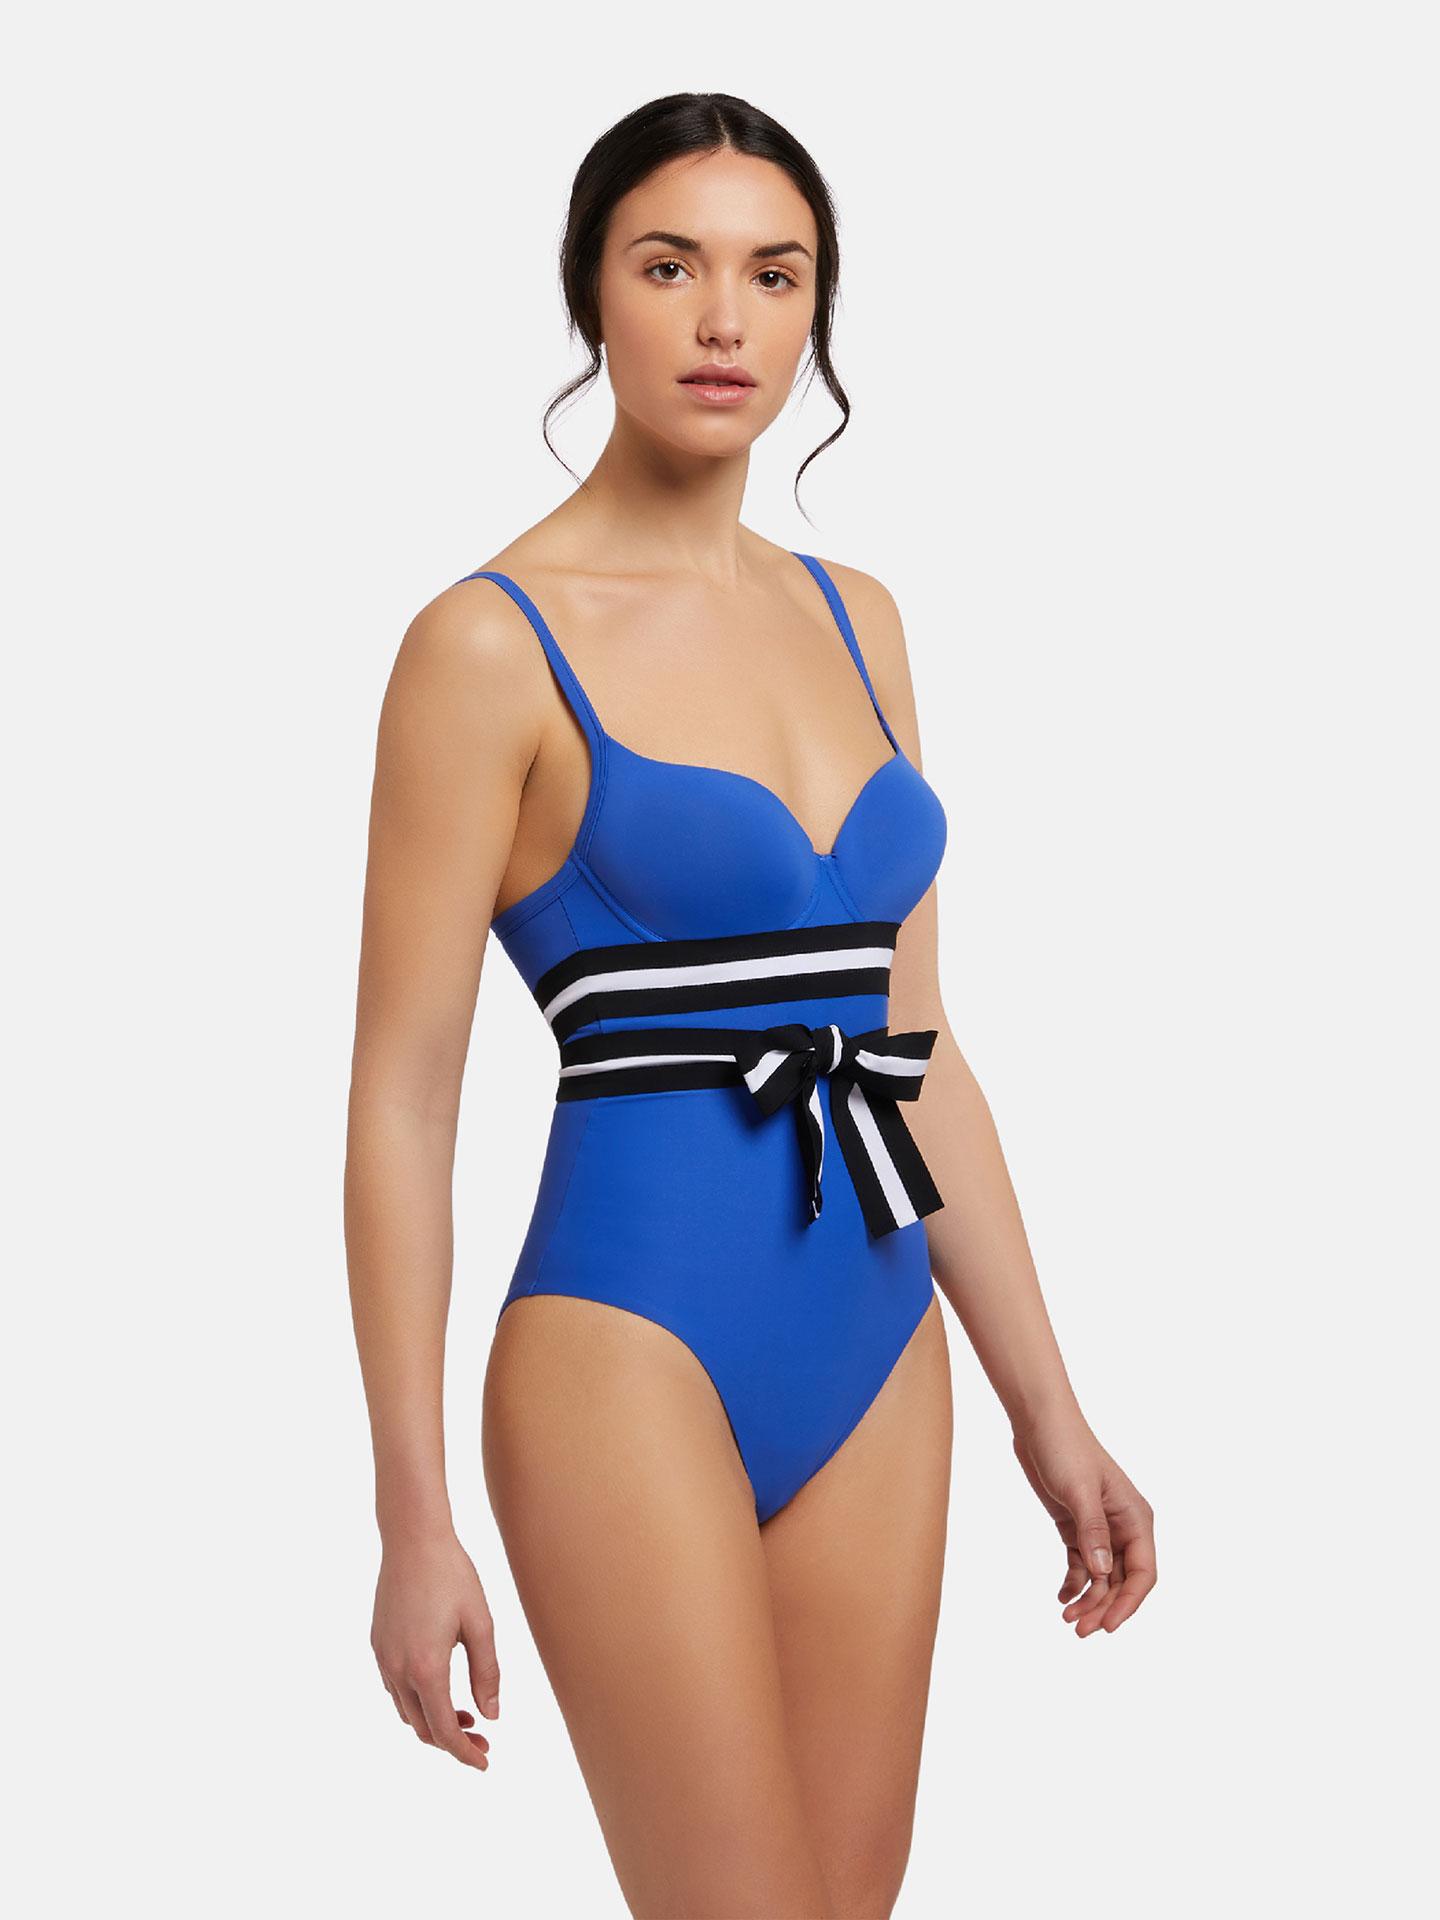 Thalassa Beach Body - egytian blue/black - XSB günstig online kaufen